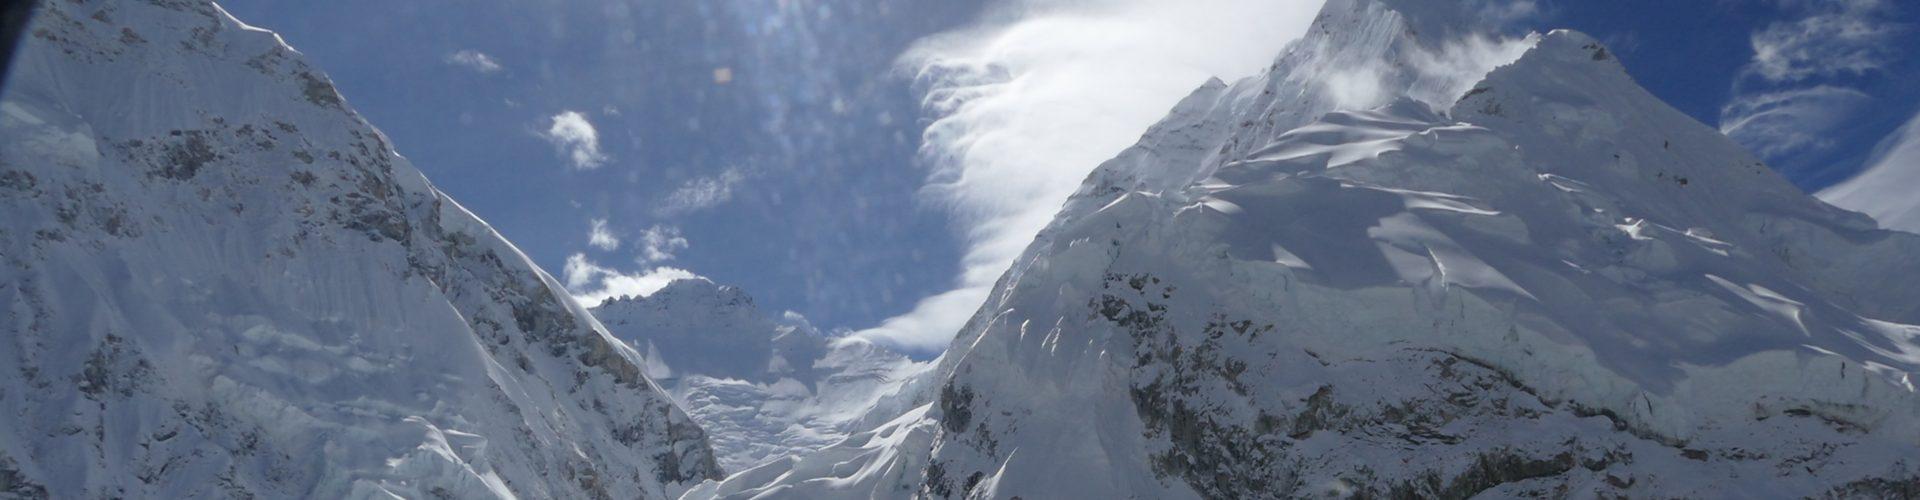 Lhotse Western Cwm